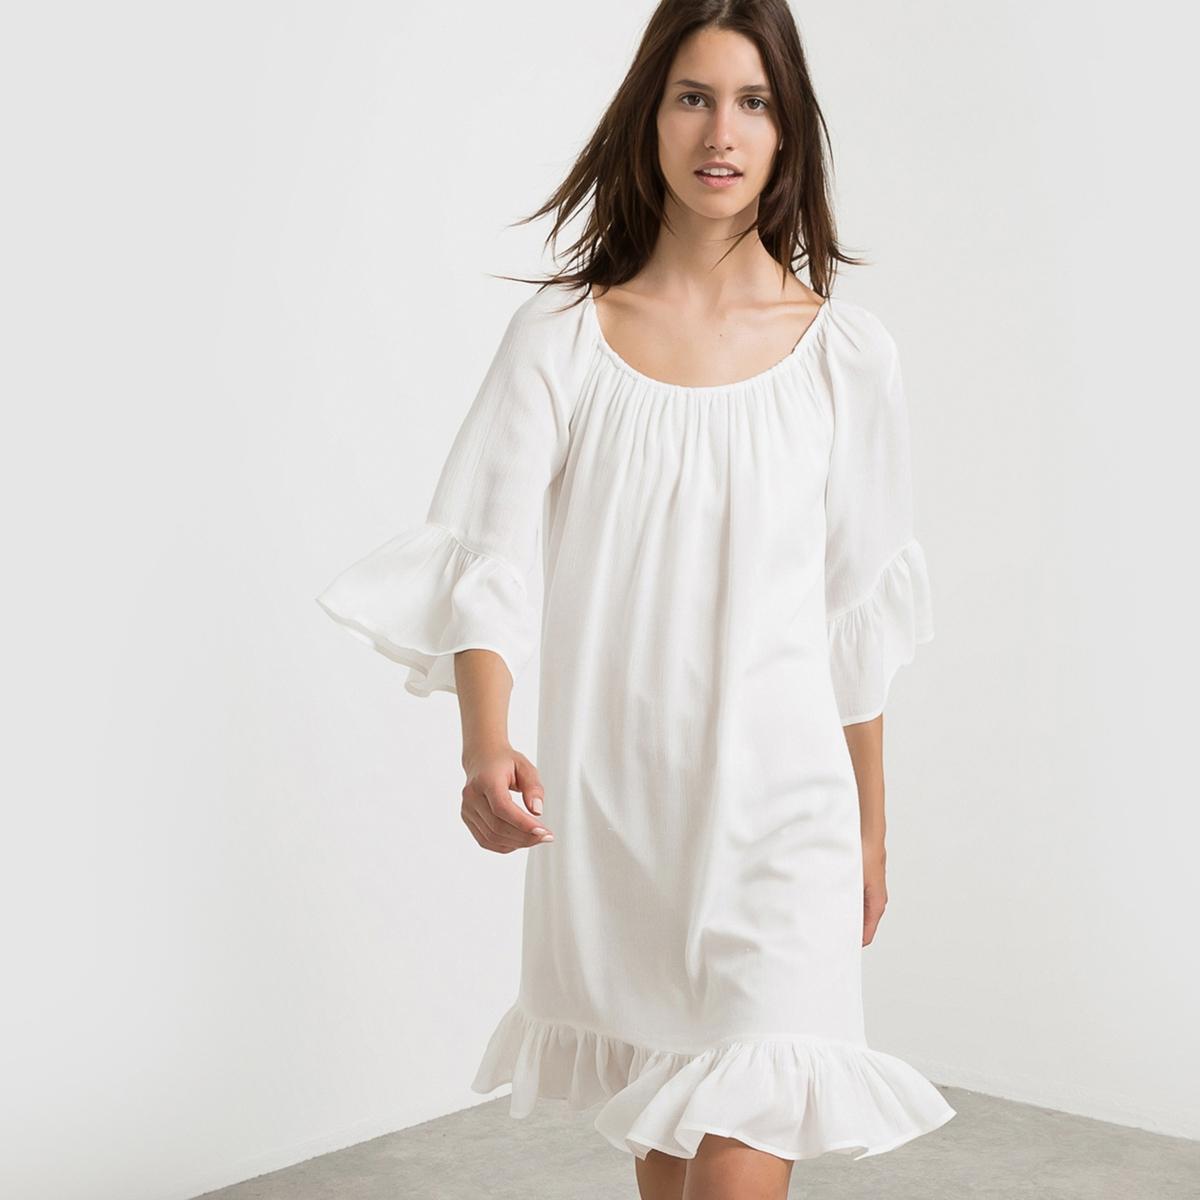 Платье из струящейся вуали, рукава 3/4 VITOLA DRESSПлатье из струящейся вуали VITOLA DRESS . Рукава 3/4, манжеты в форме тюльпана. Низ с воланом в духе чарльстона. Круглый вырез со складками. Состав и описание :Материал : 100% вискозы<br><br>Цвет: белый